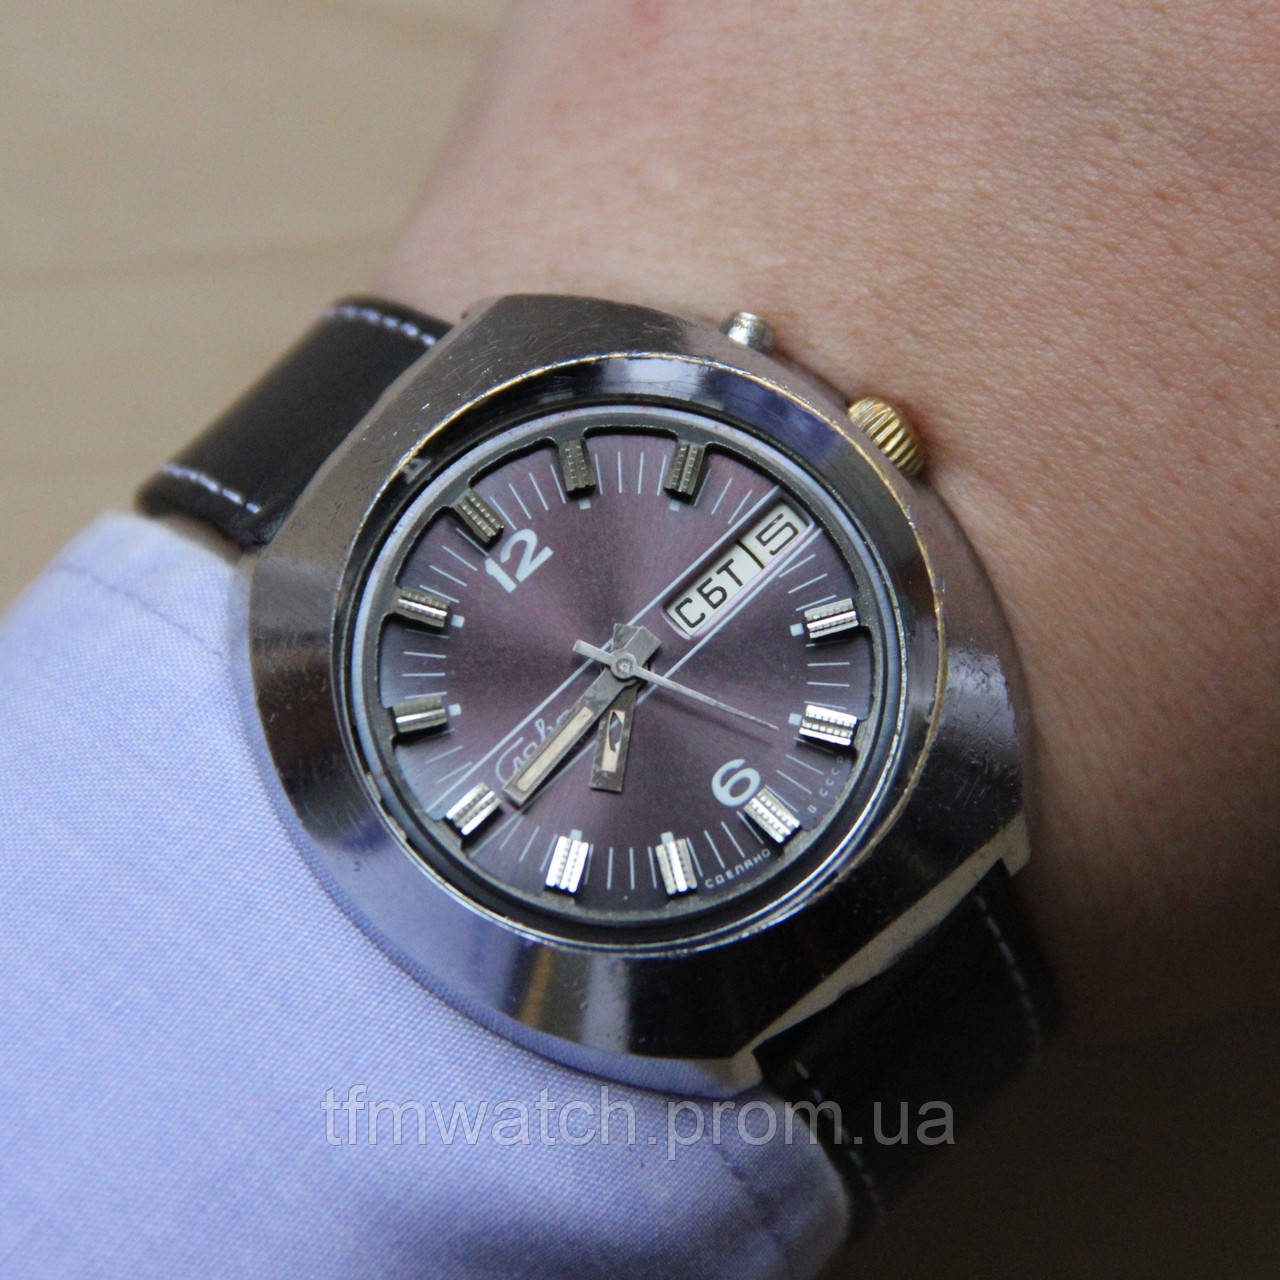 a1efcf26d1e2 Слава автоподзавод мужские наручные часы СССР - Магазин старинных,  винтажных и антикварных часов TFMwatch в